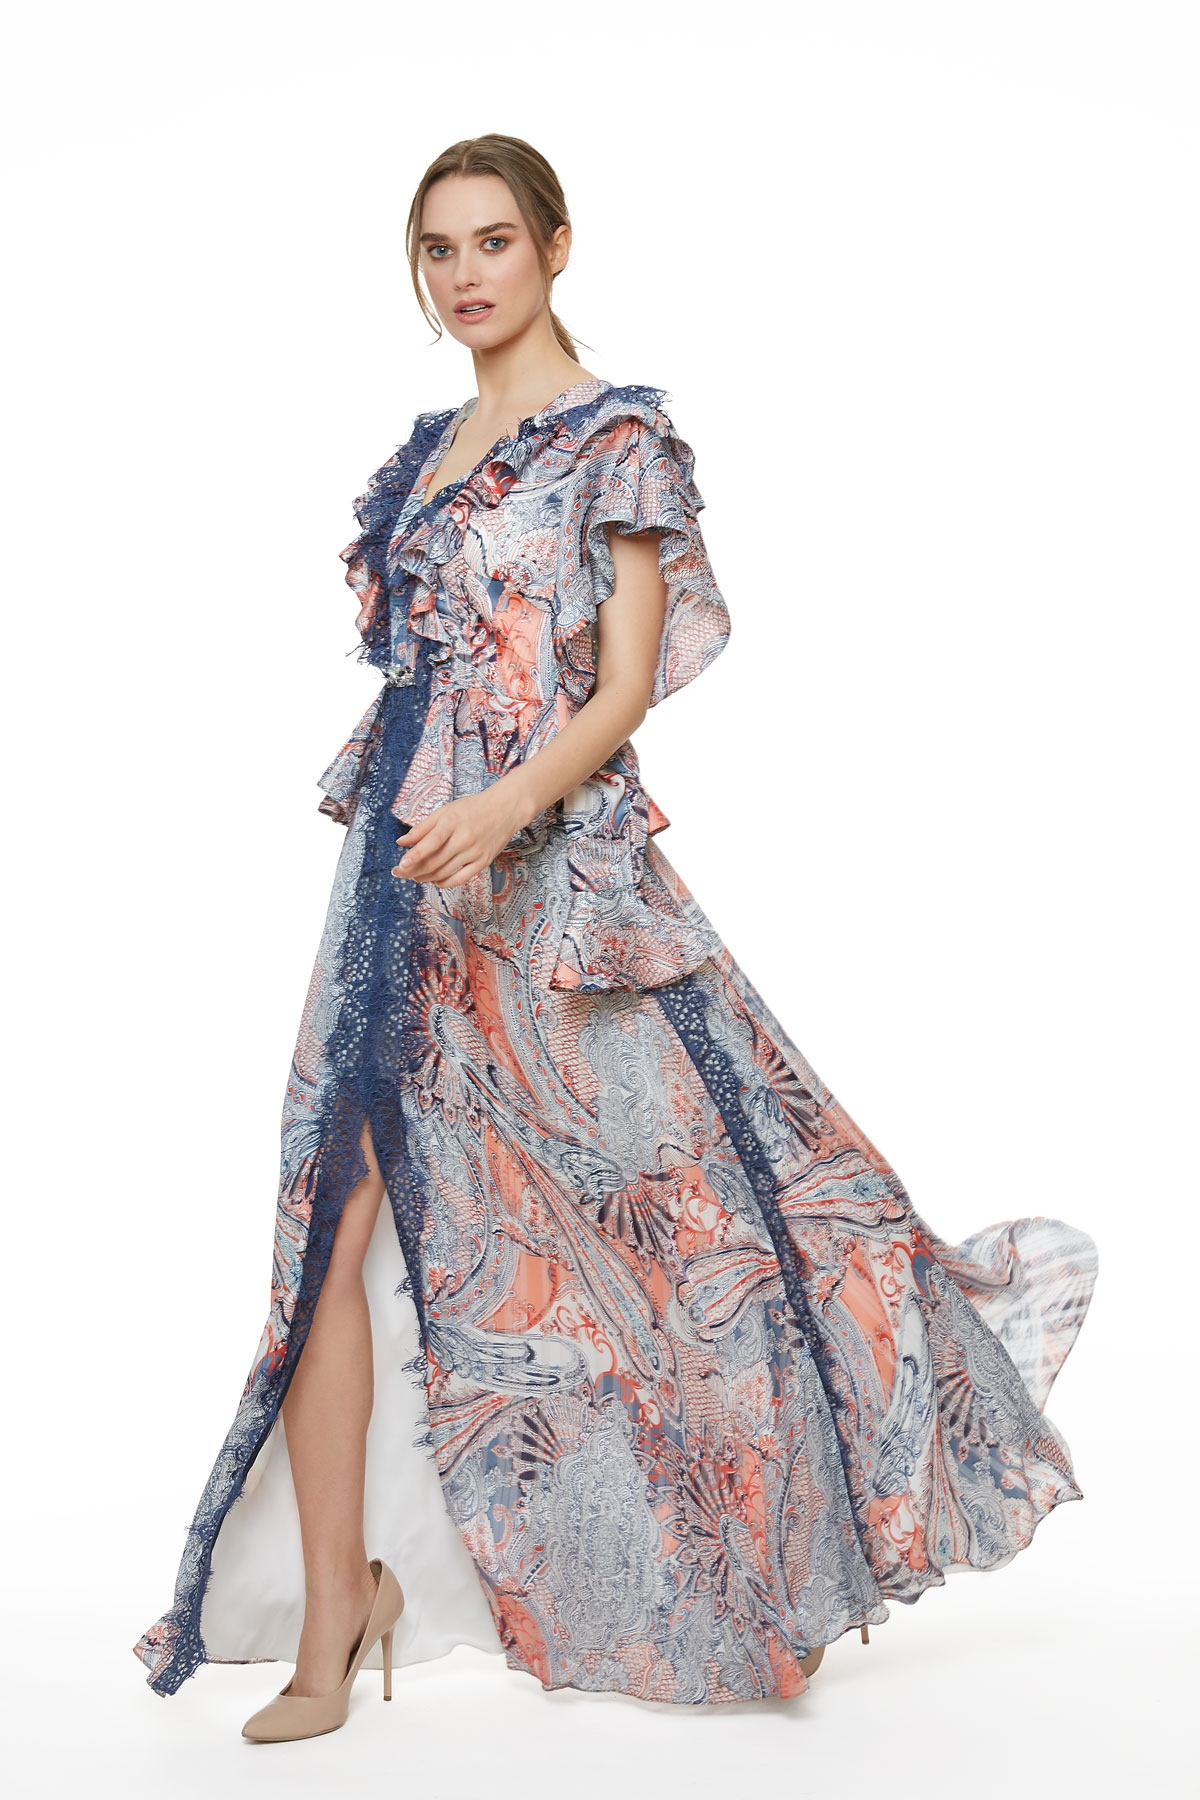 Lace Chiffon Dresses